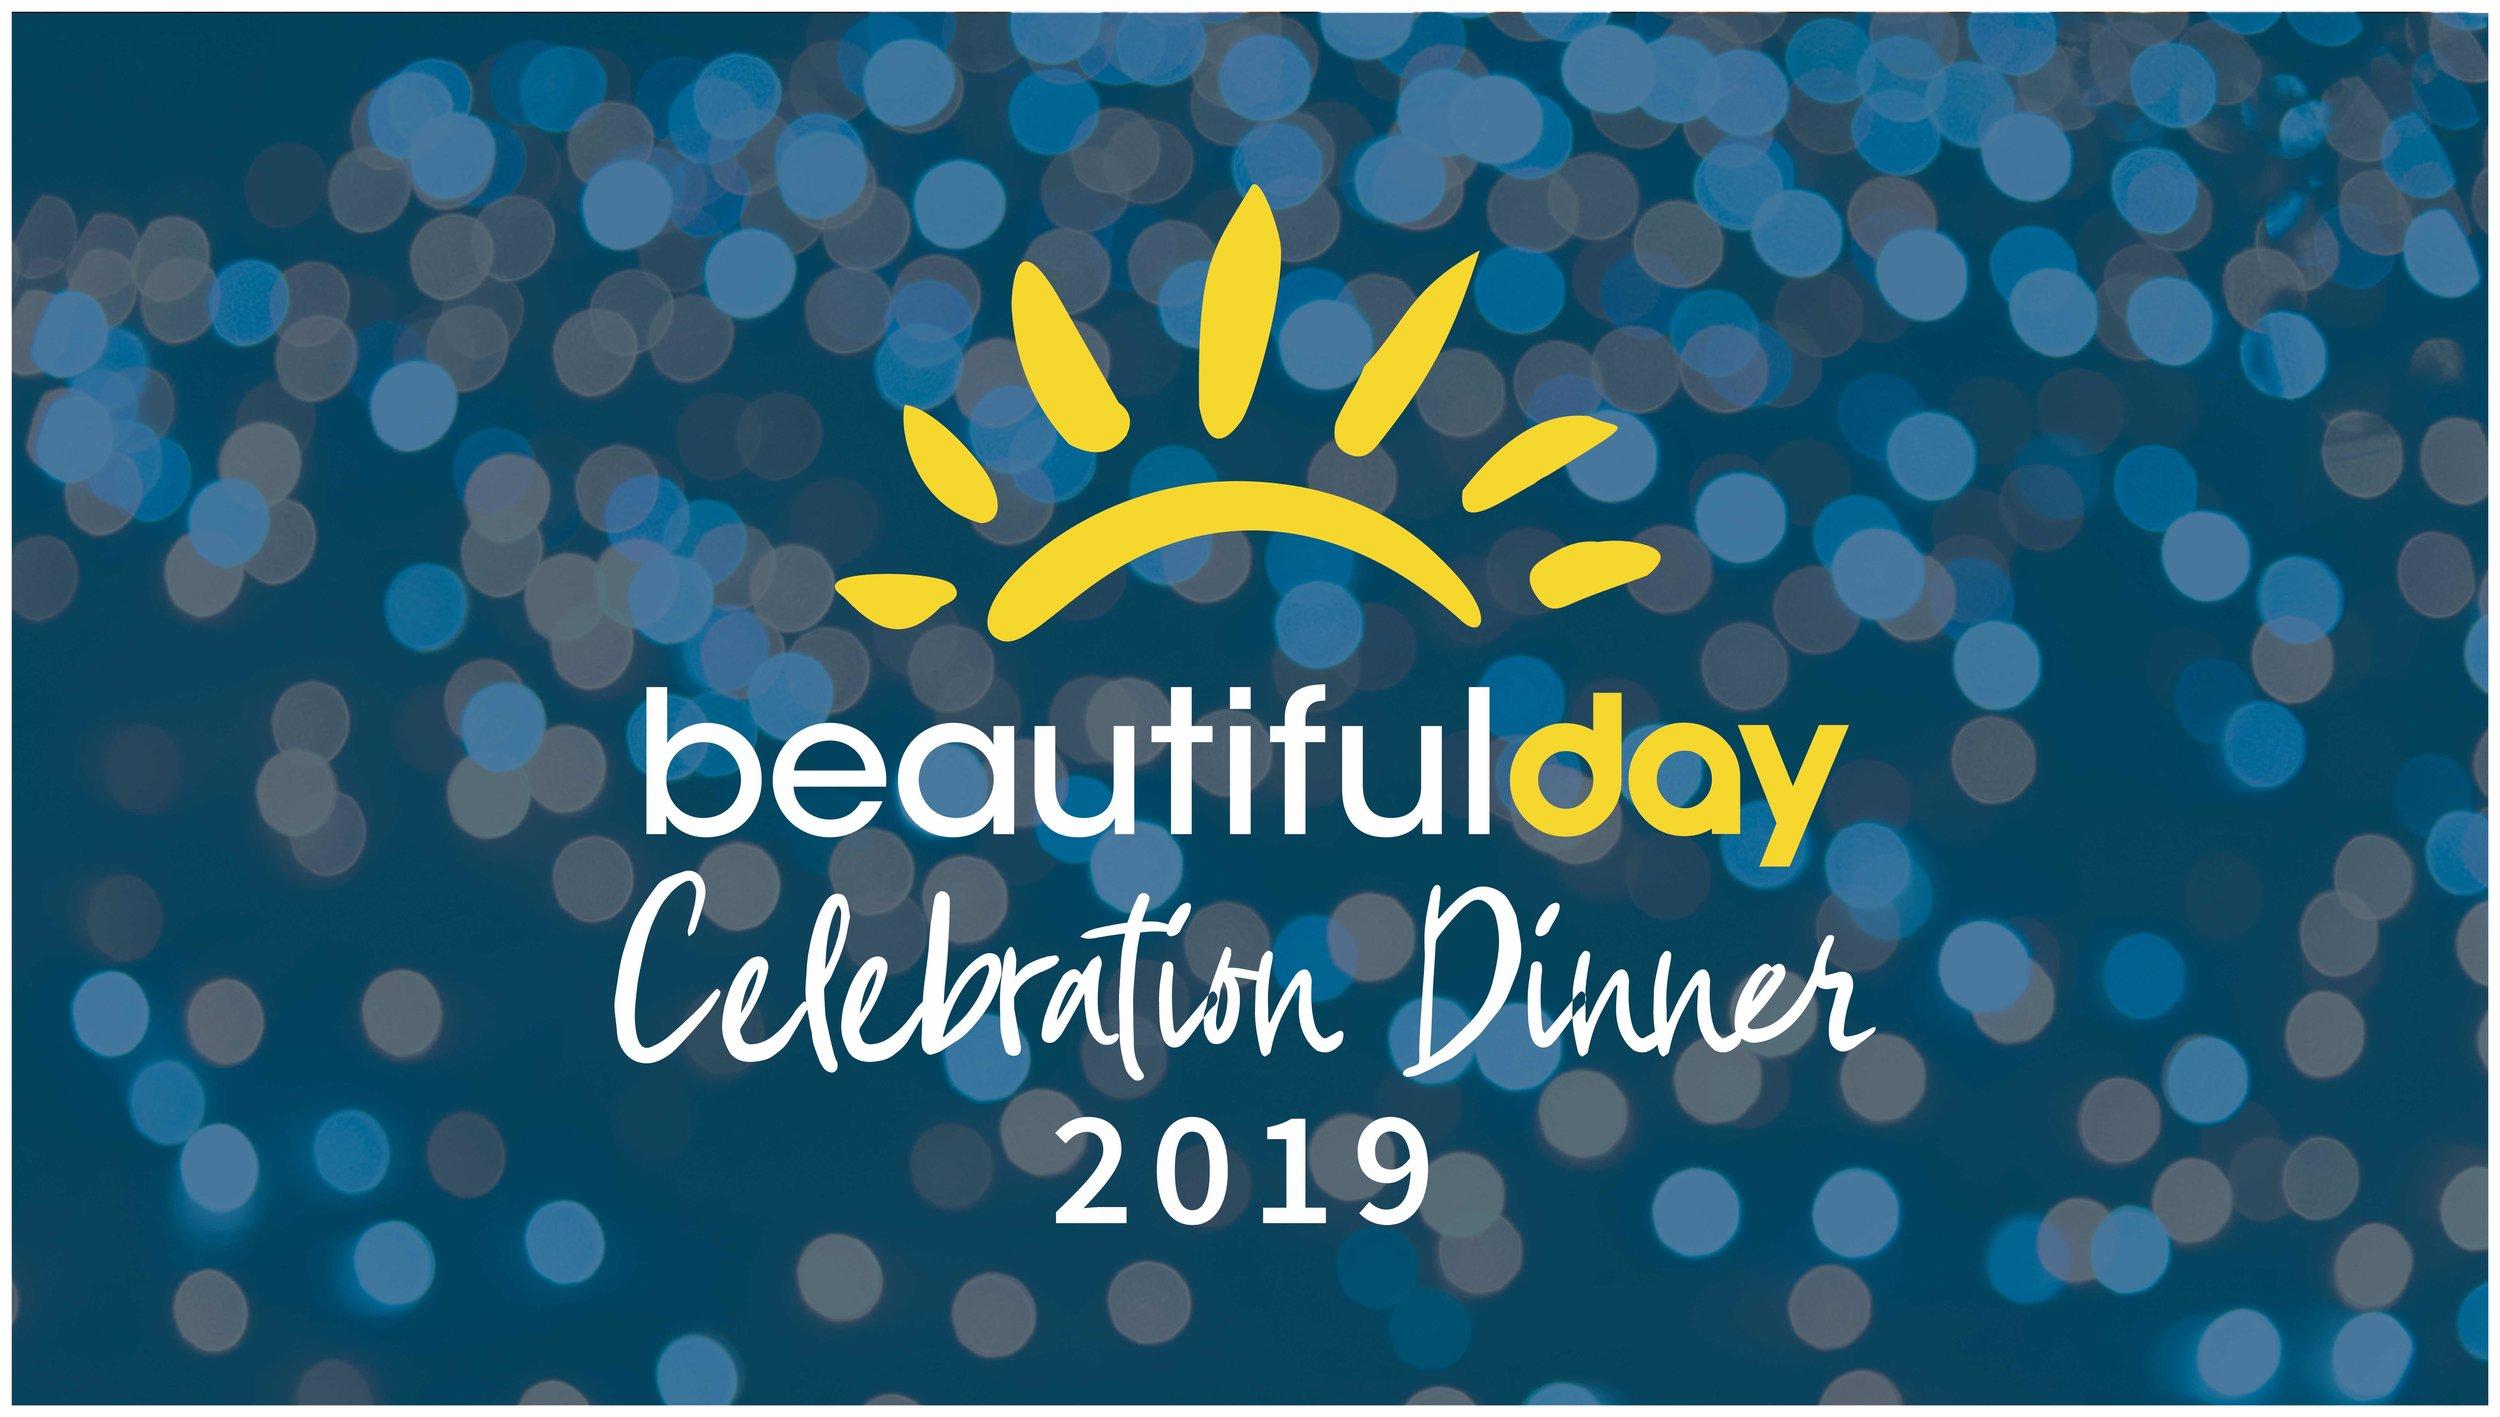 BD_Celebration_Dinner_Graphic.jpg